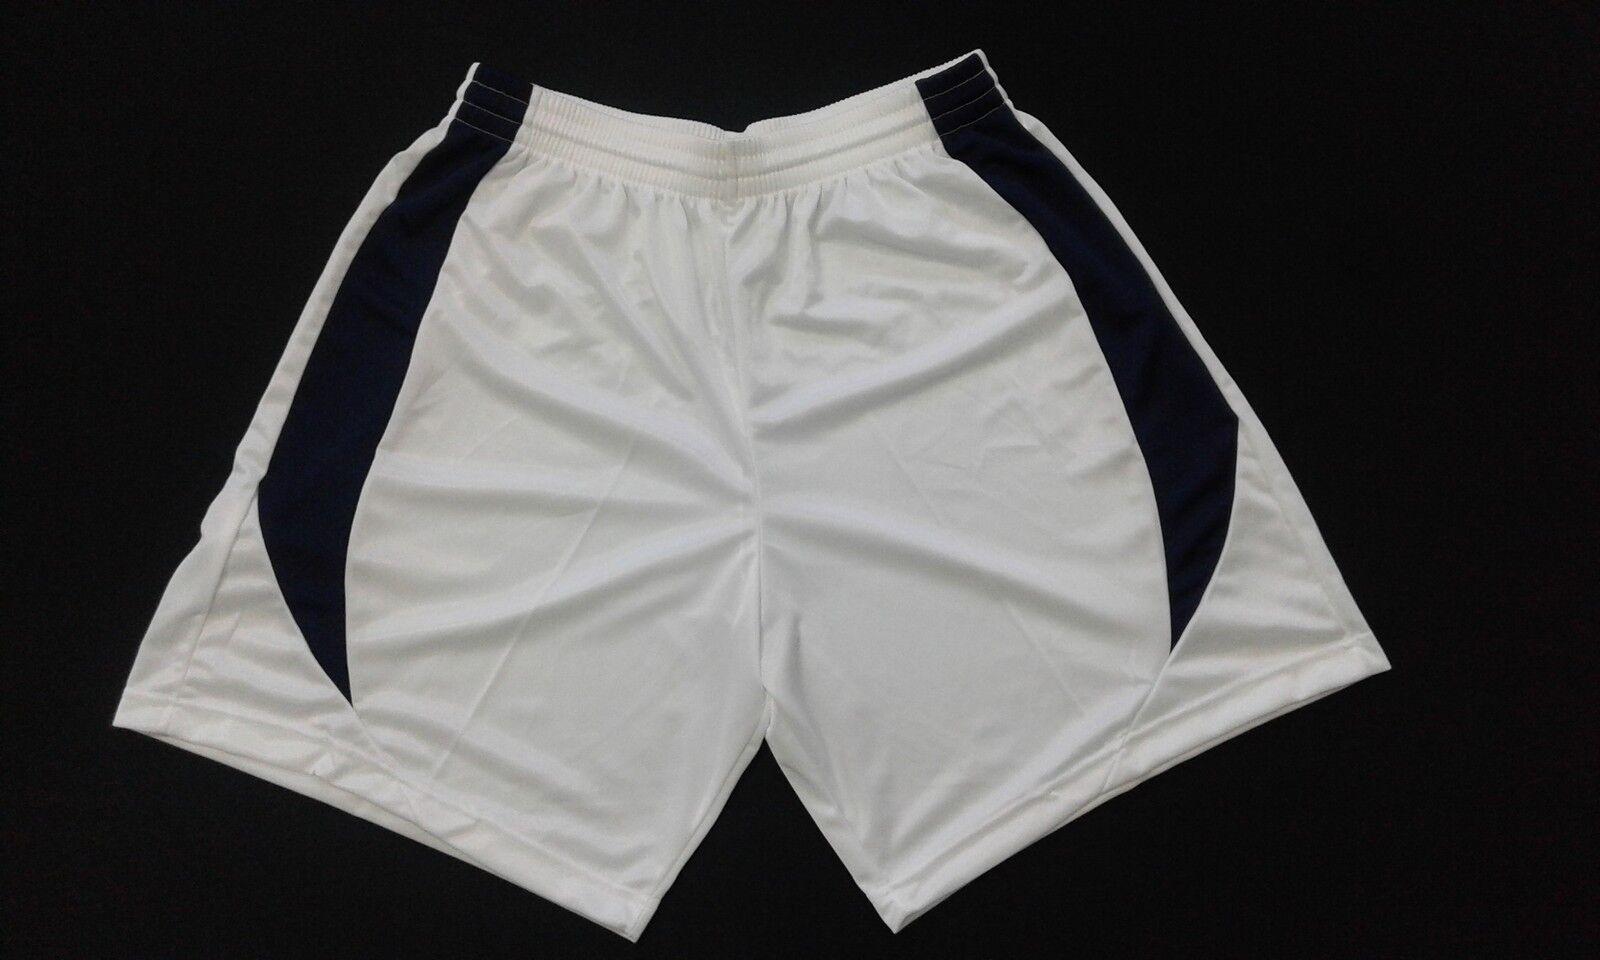 Stock 10 Bianco/Blue Pantaloncino Calcio Misura L Colore Bianco/Blue 10 Poliestere FOOTEX e164ed